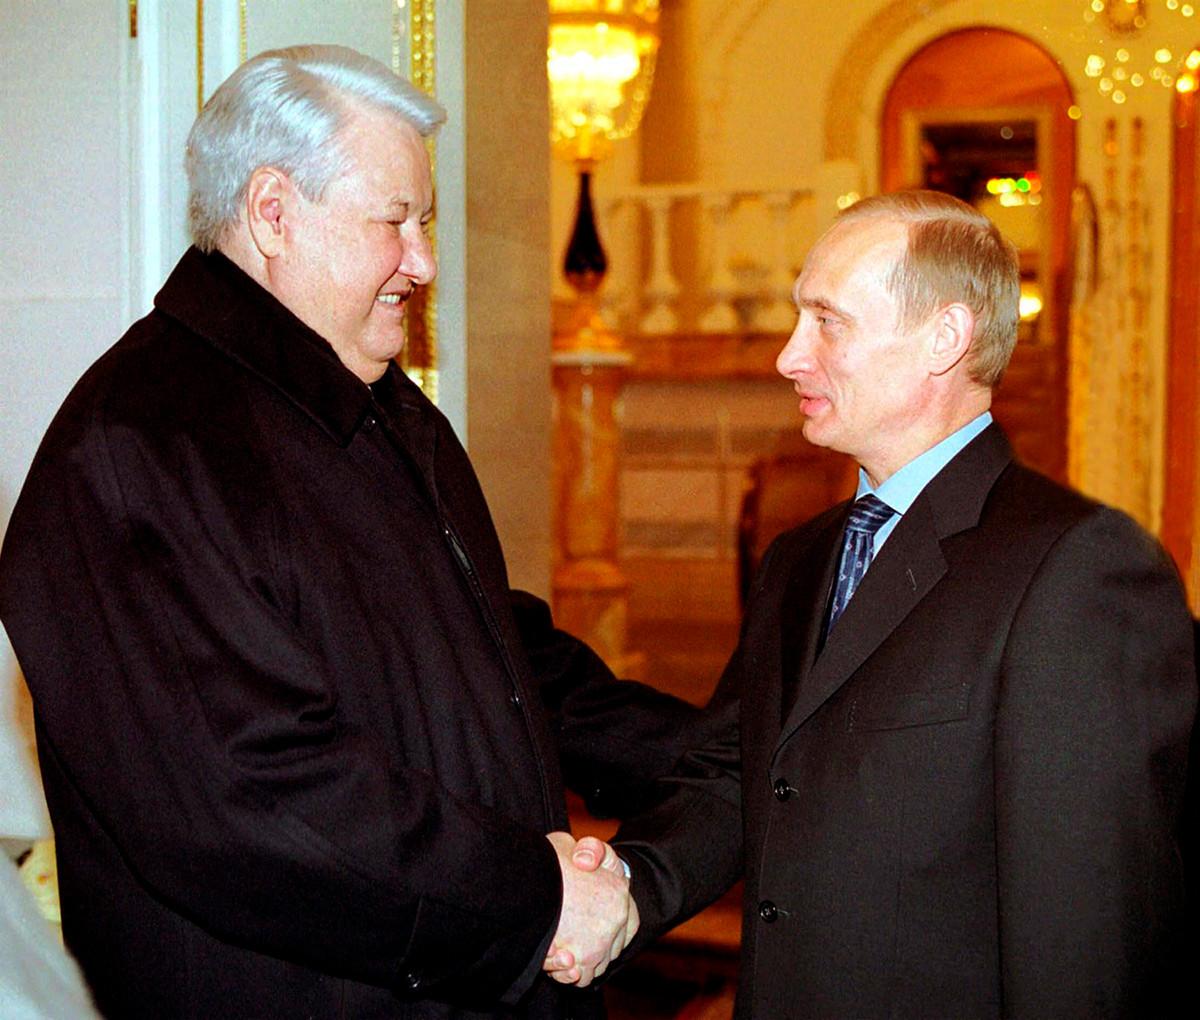 ボリス・エリツィン元大統領と握手を交わすウラジーミル・プーチン大統領